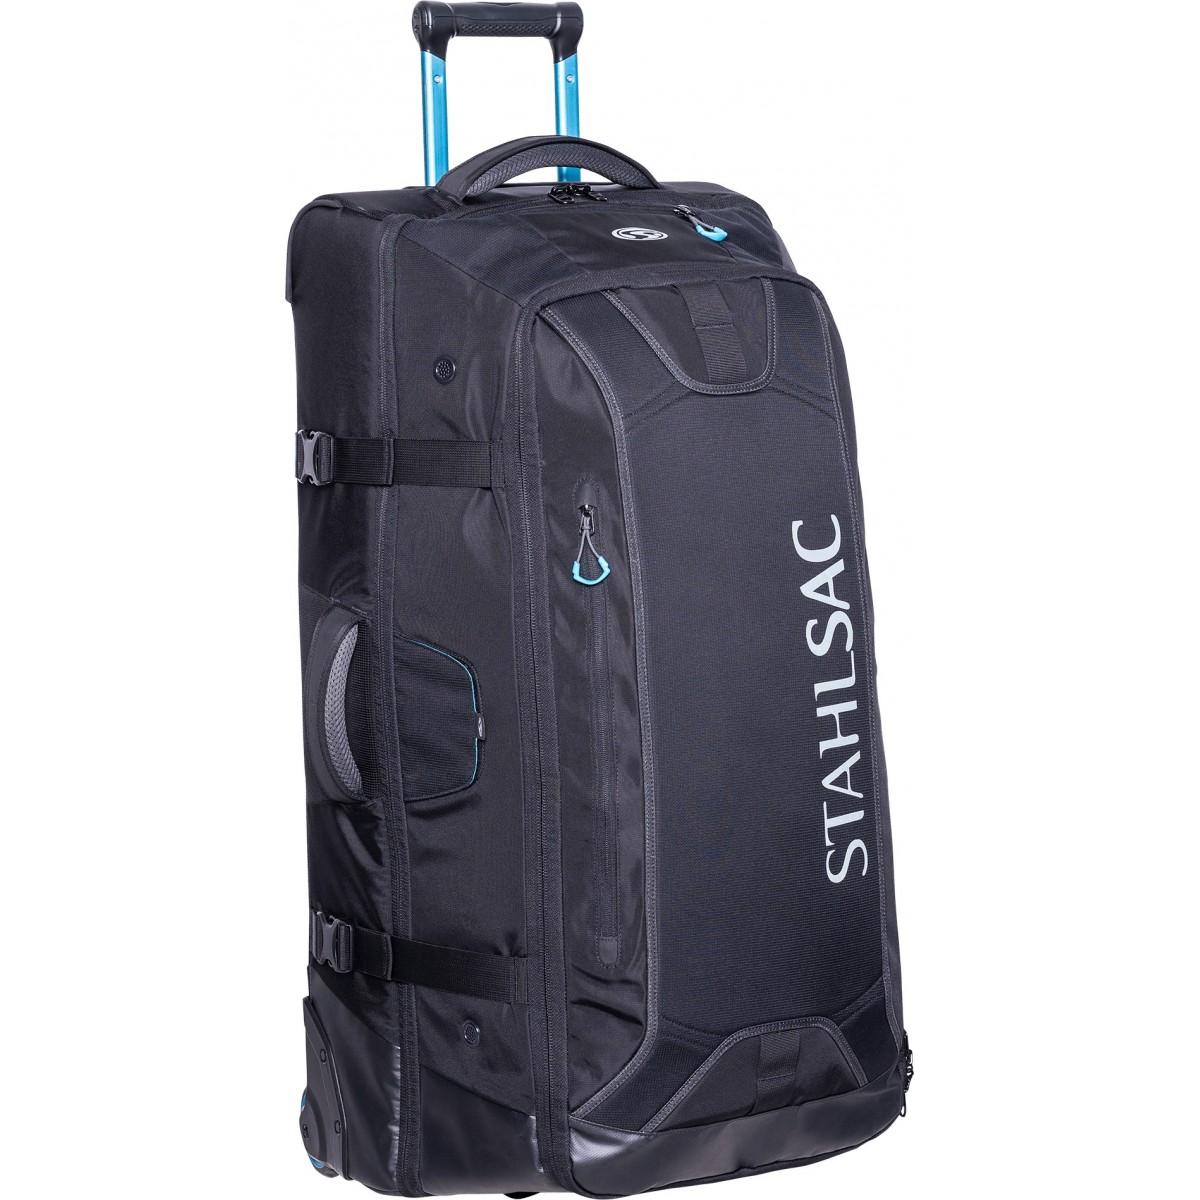 Stahlsac Steel 34 Roller Bag